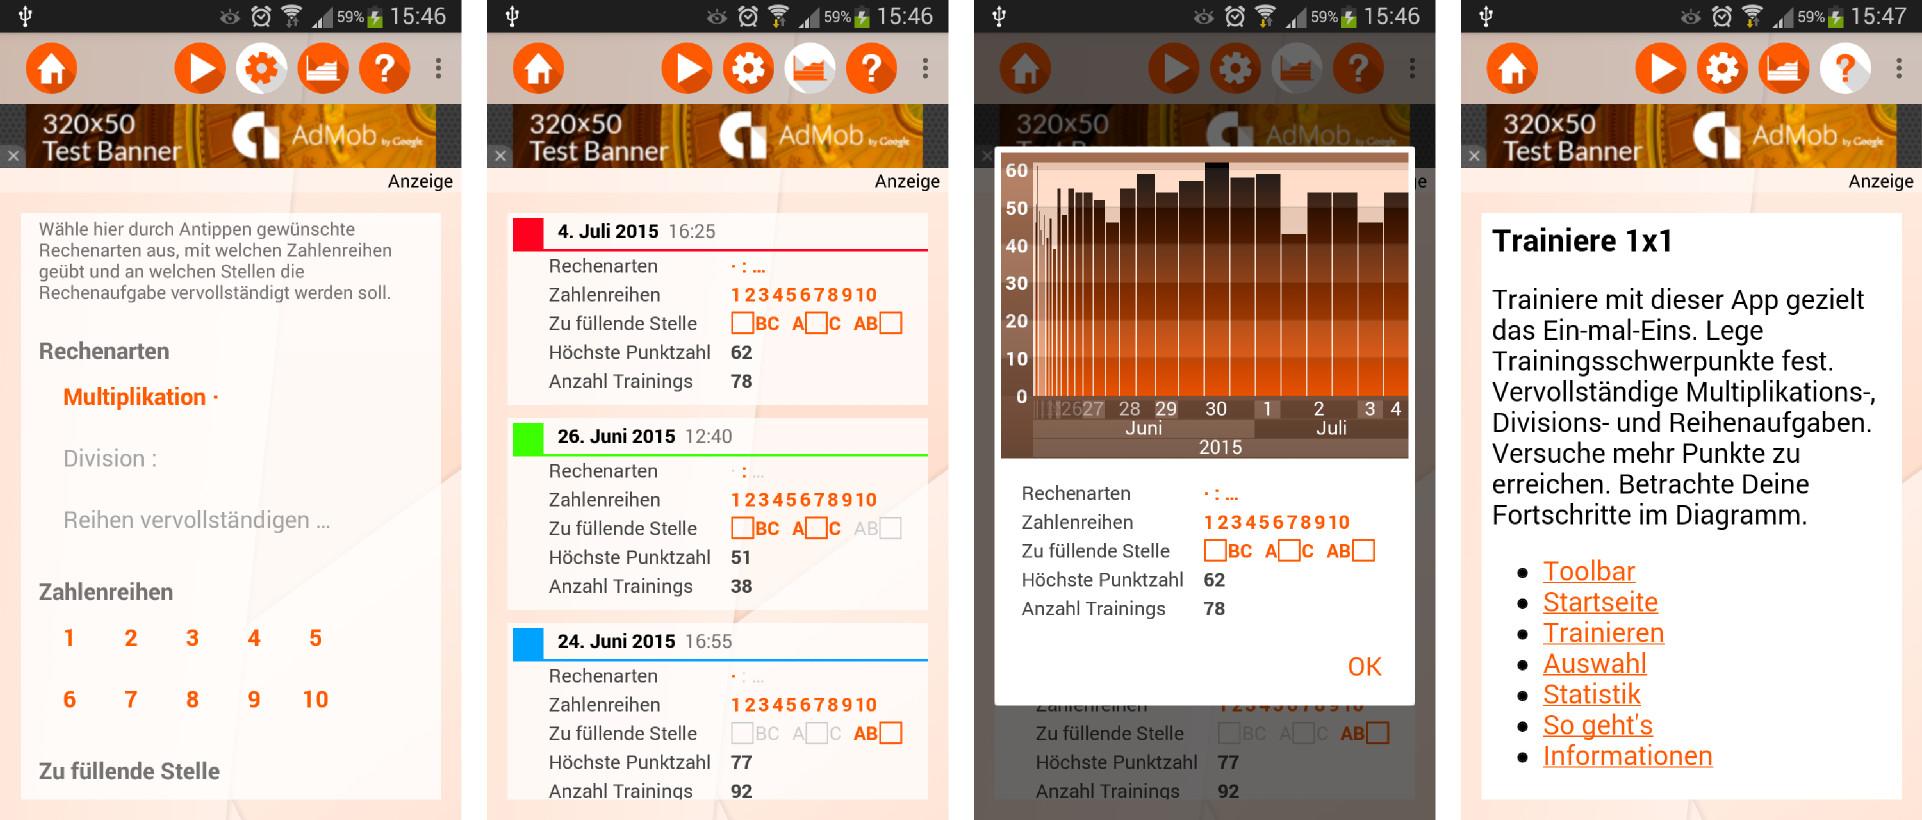 Screenshots 2: Aufgabenauswahl, Statistik, Diagram und integrierte Hilfe